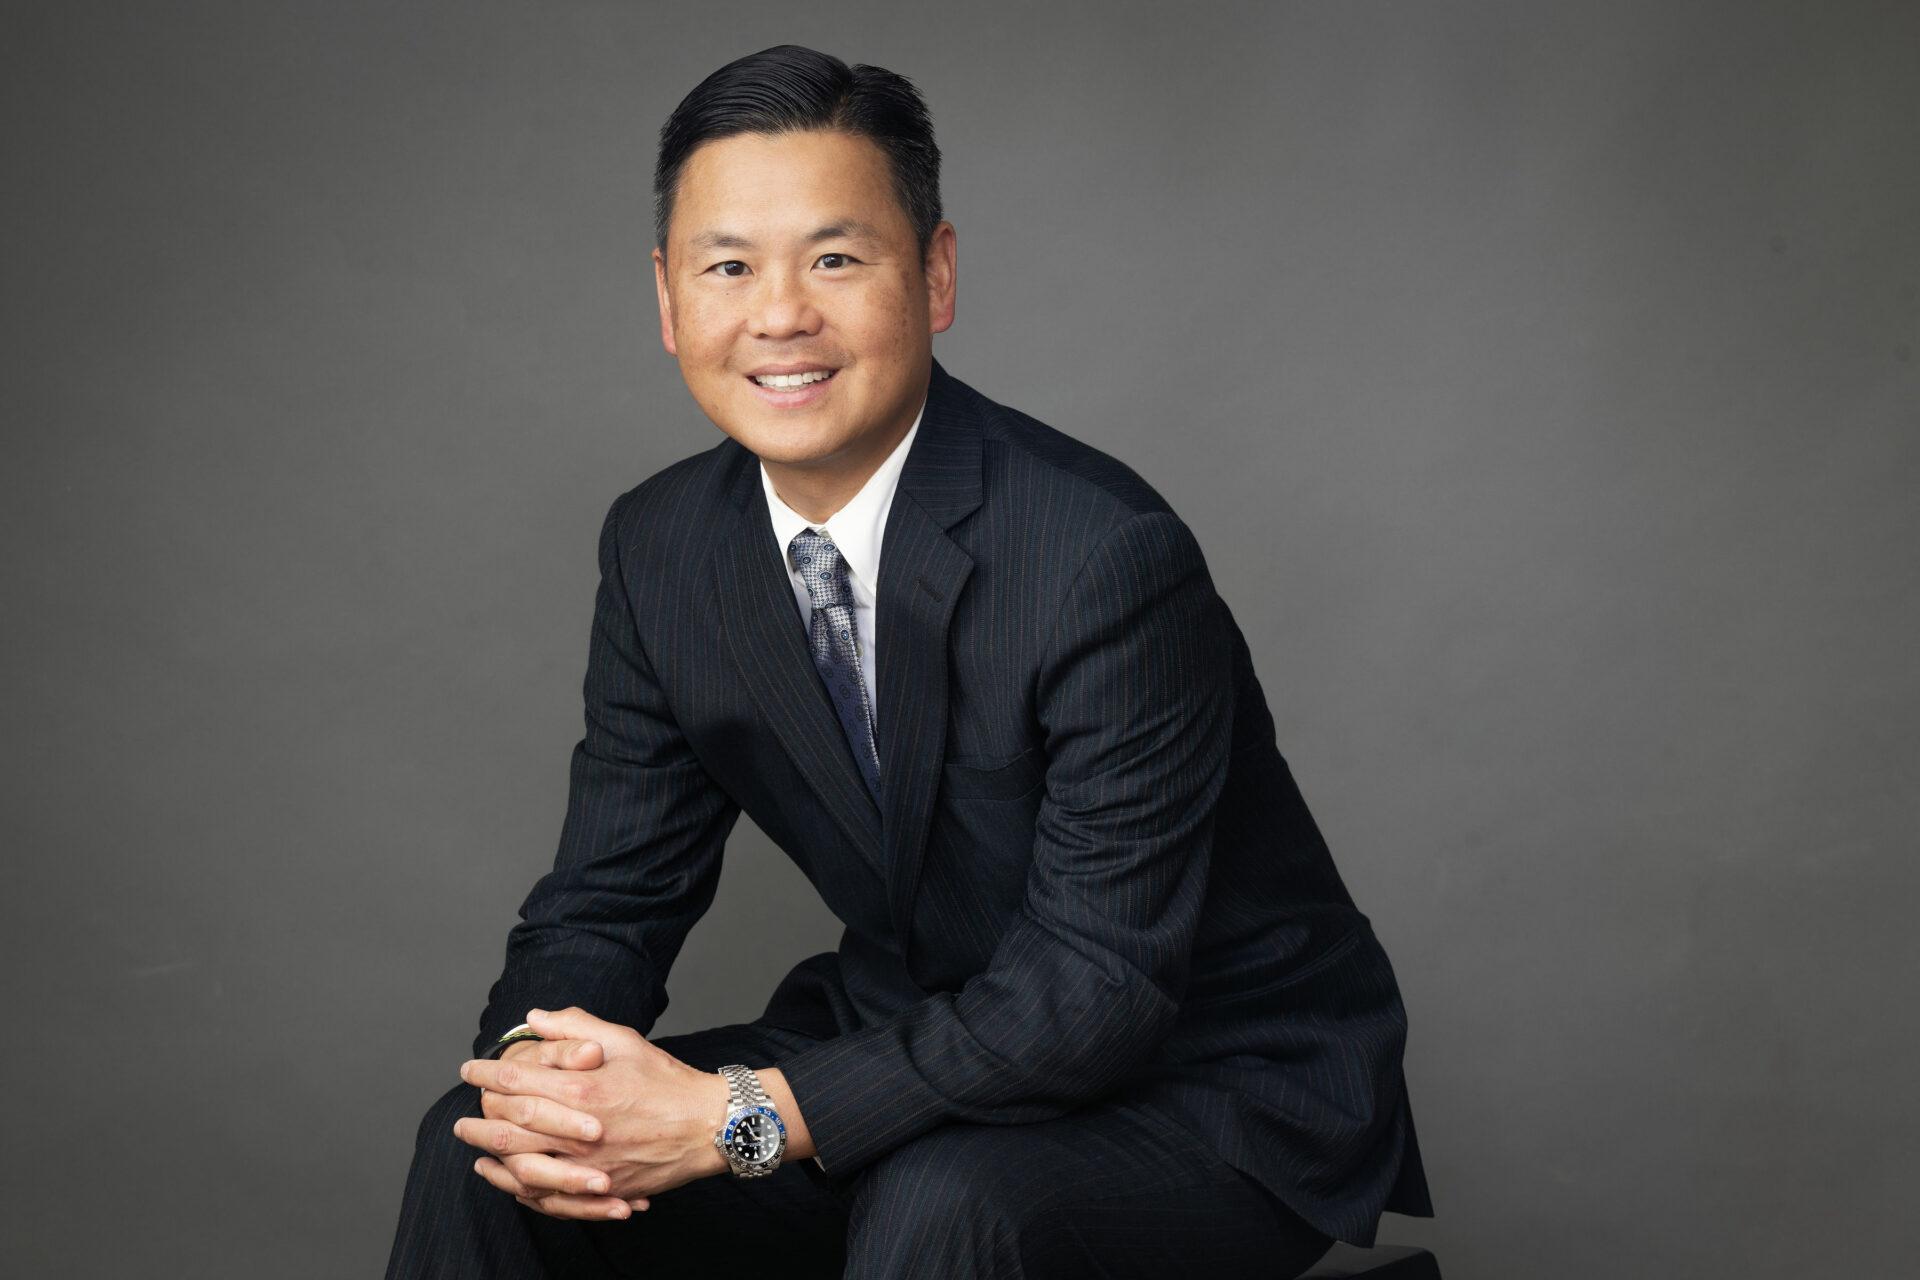 Evan Lin